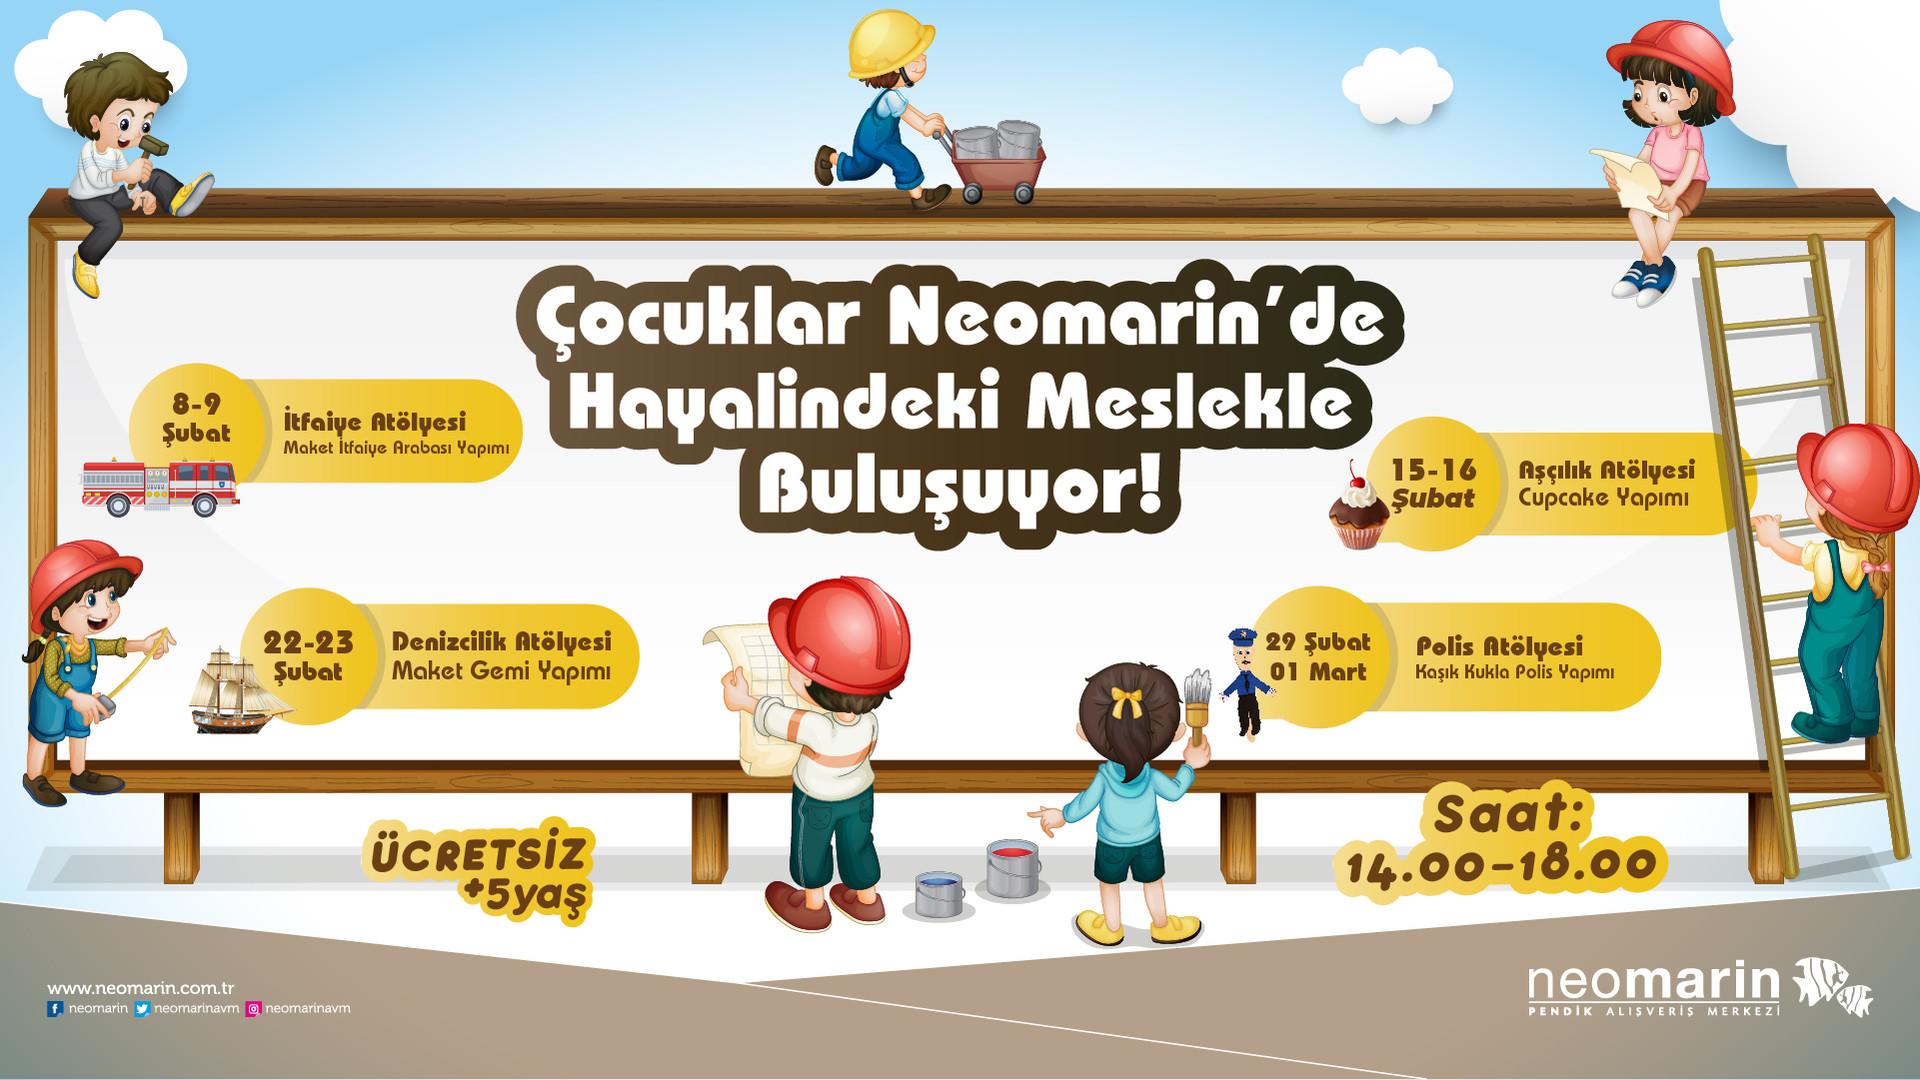 Çocuklar Neomarin'de Hayalindeki Meslekle Buluşuyor